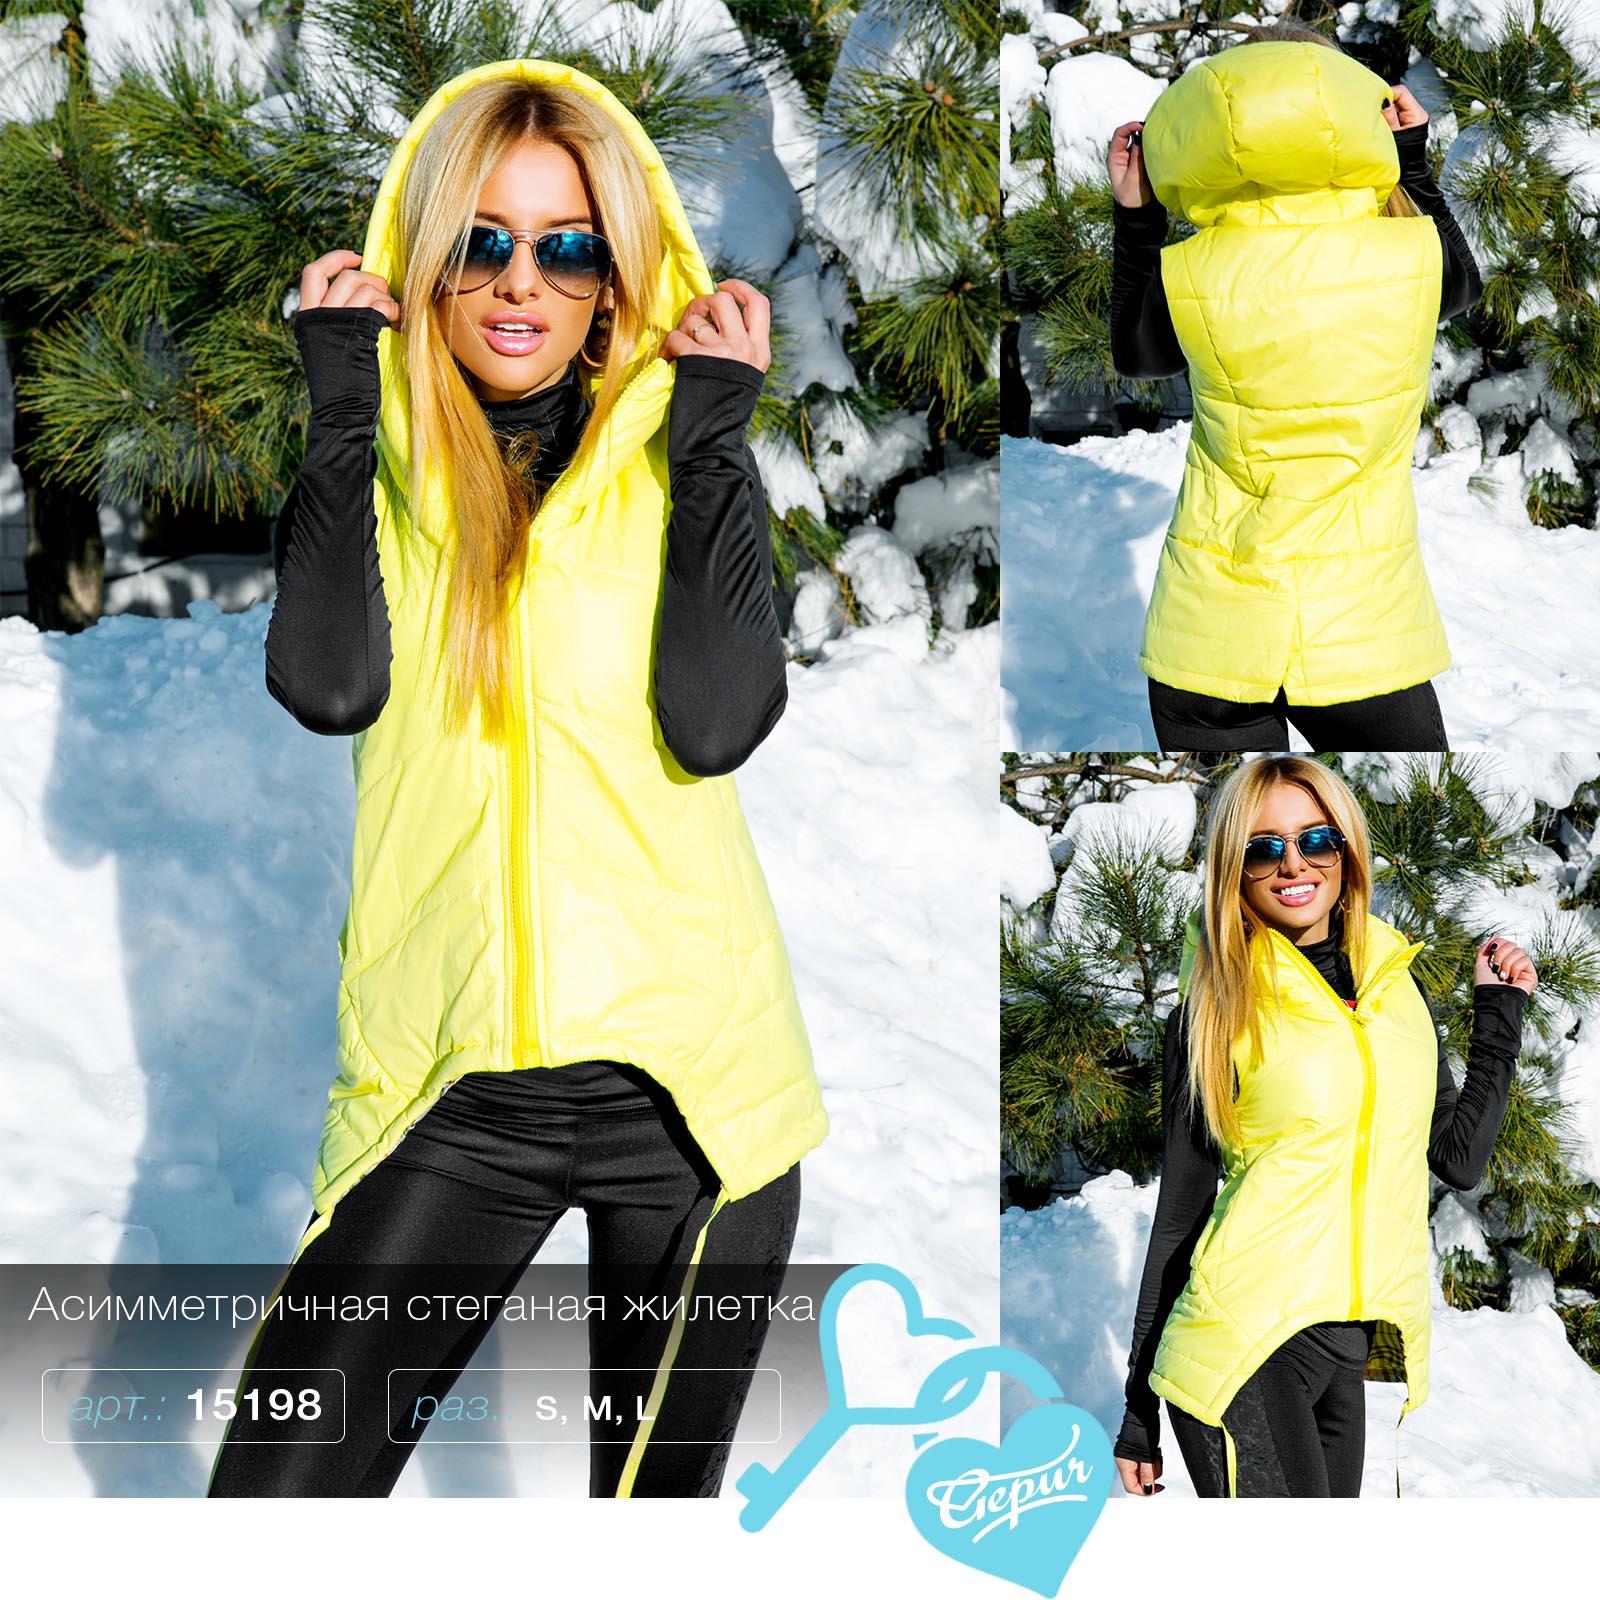 Сбор заказов. Самые модные тренды сезона от Gepur! Головокружительные коллекции пальто и курток, сногсшибательные